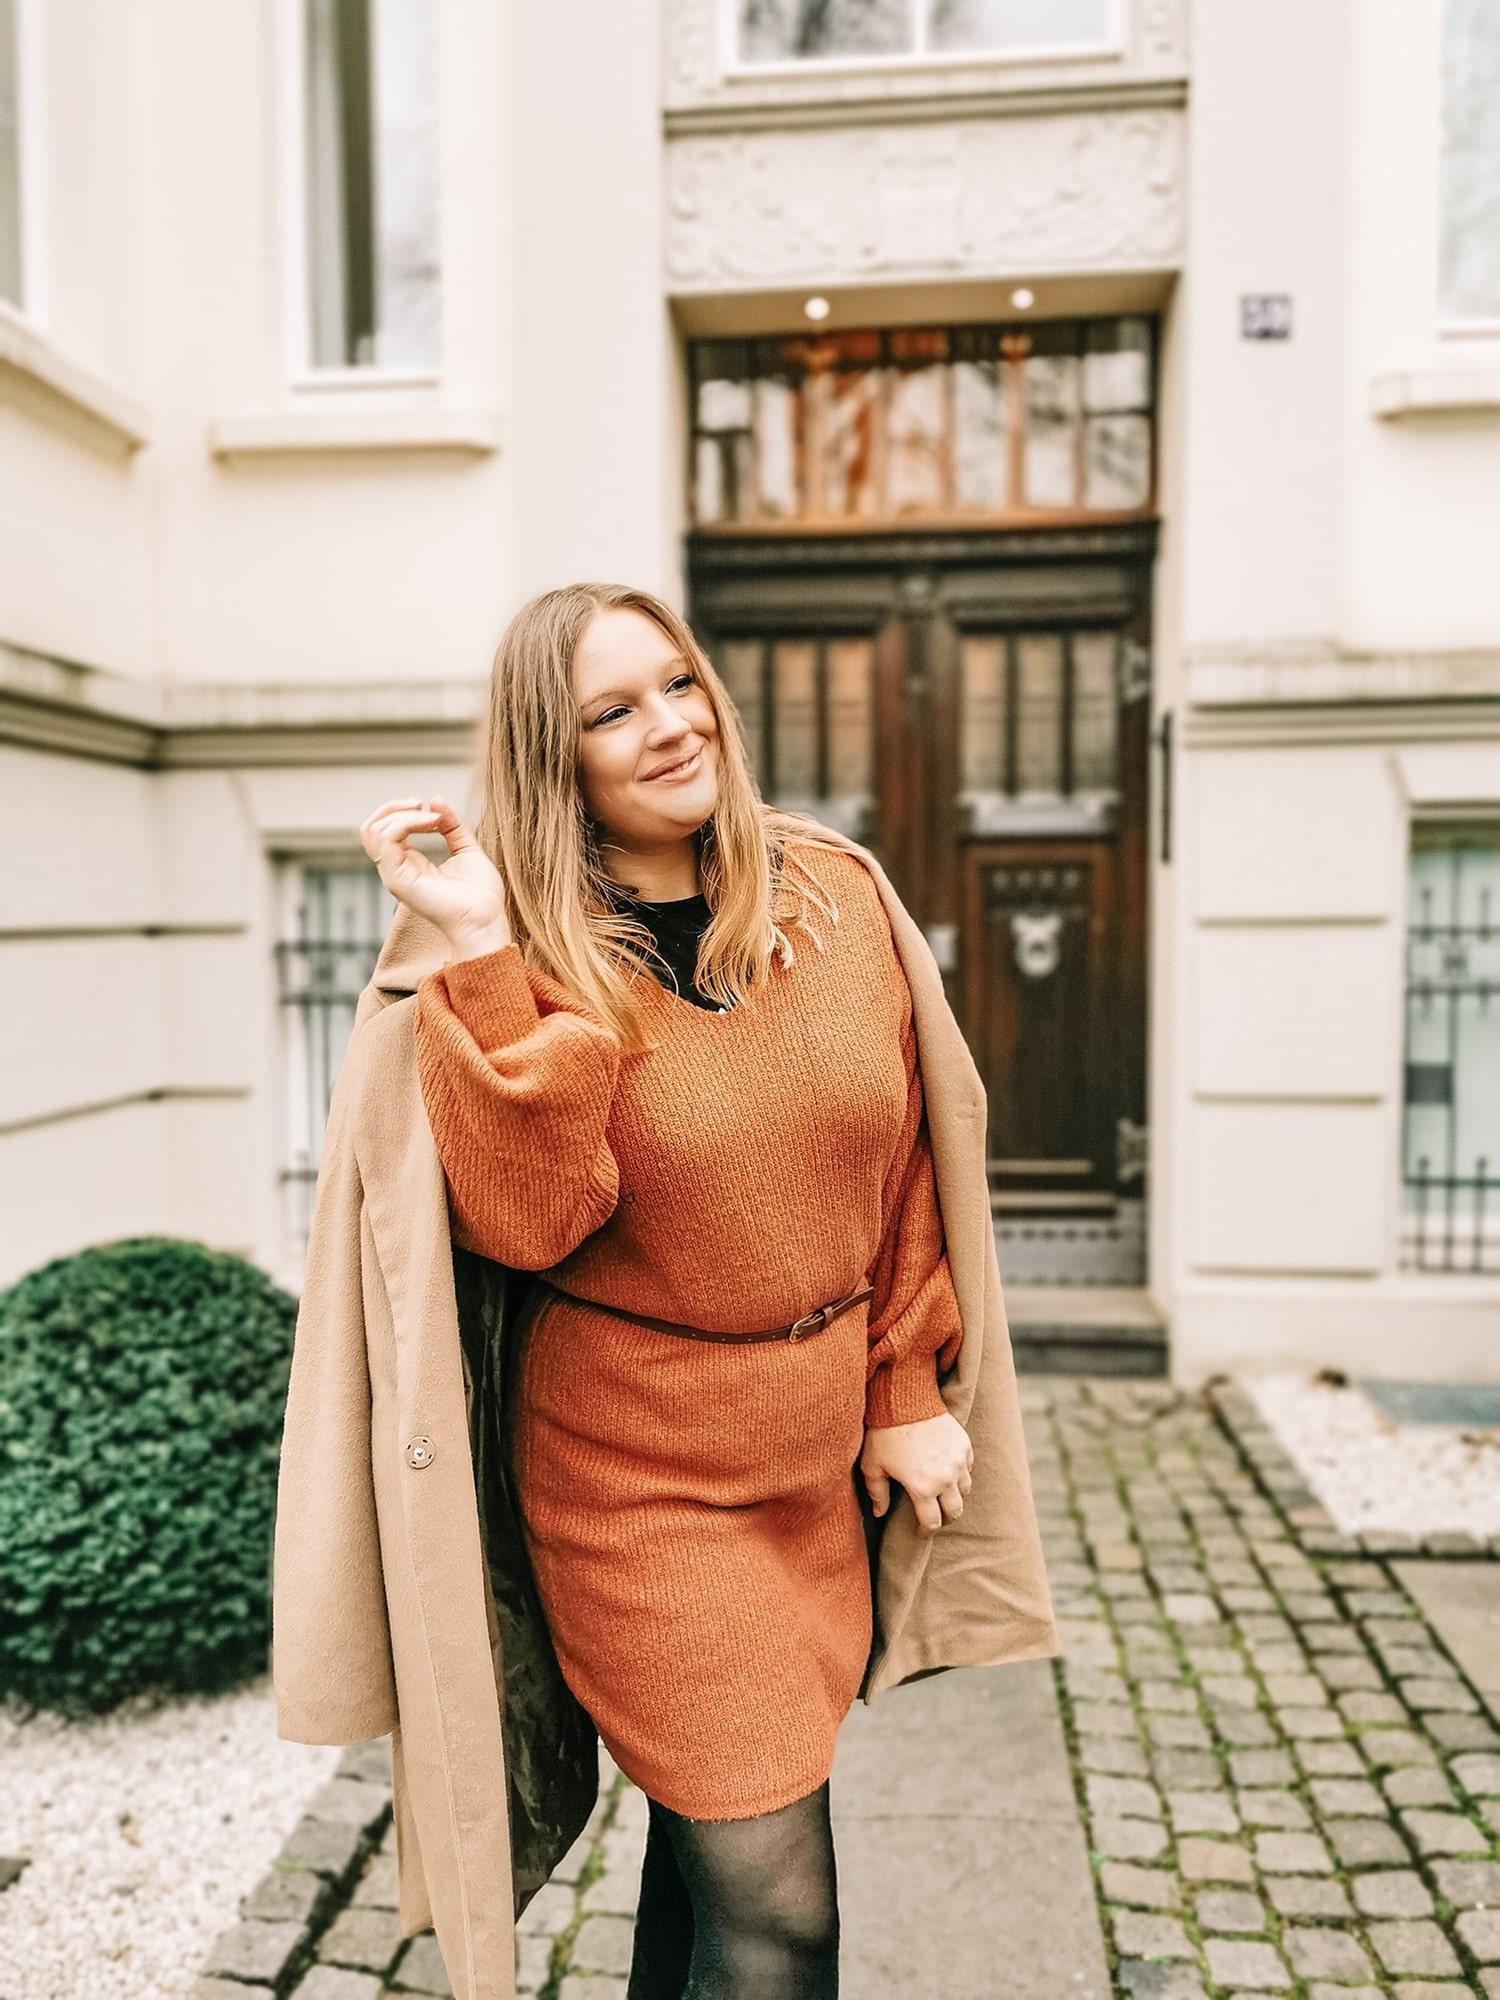 Stylizacja wiosenna - sukienka Bonprix i botki polskiej marki Noe Vision